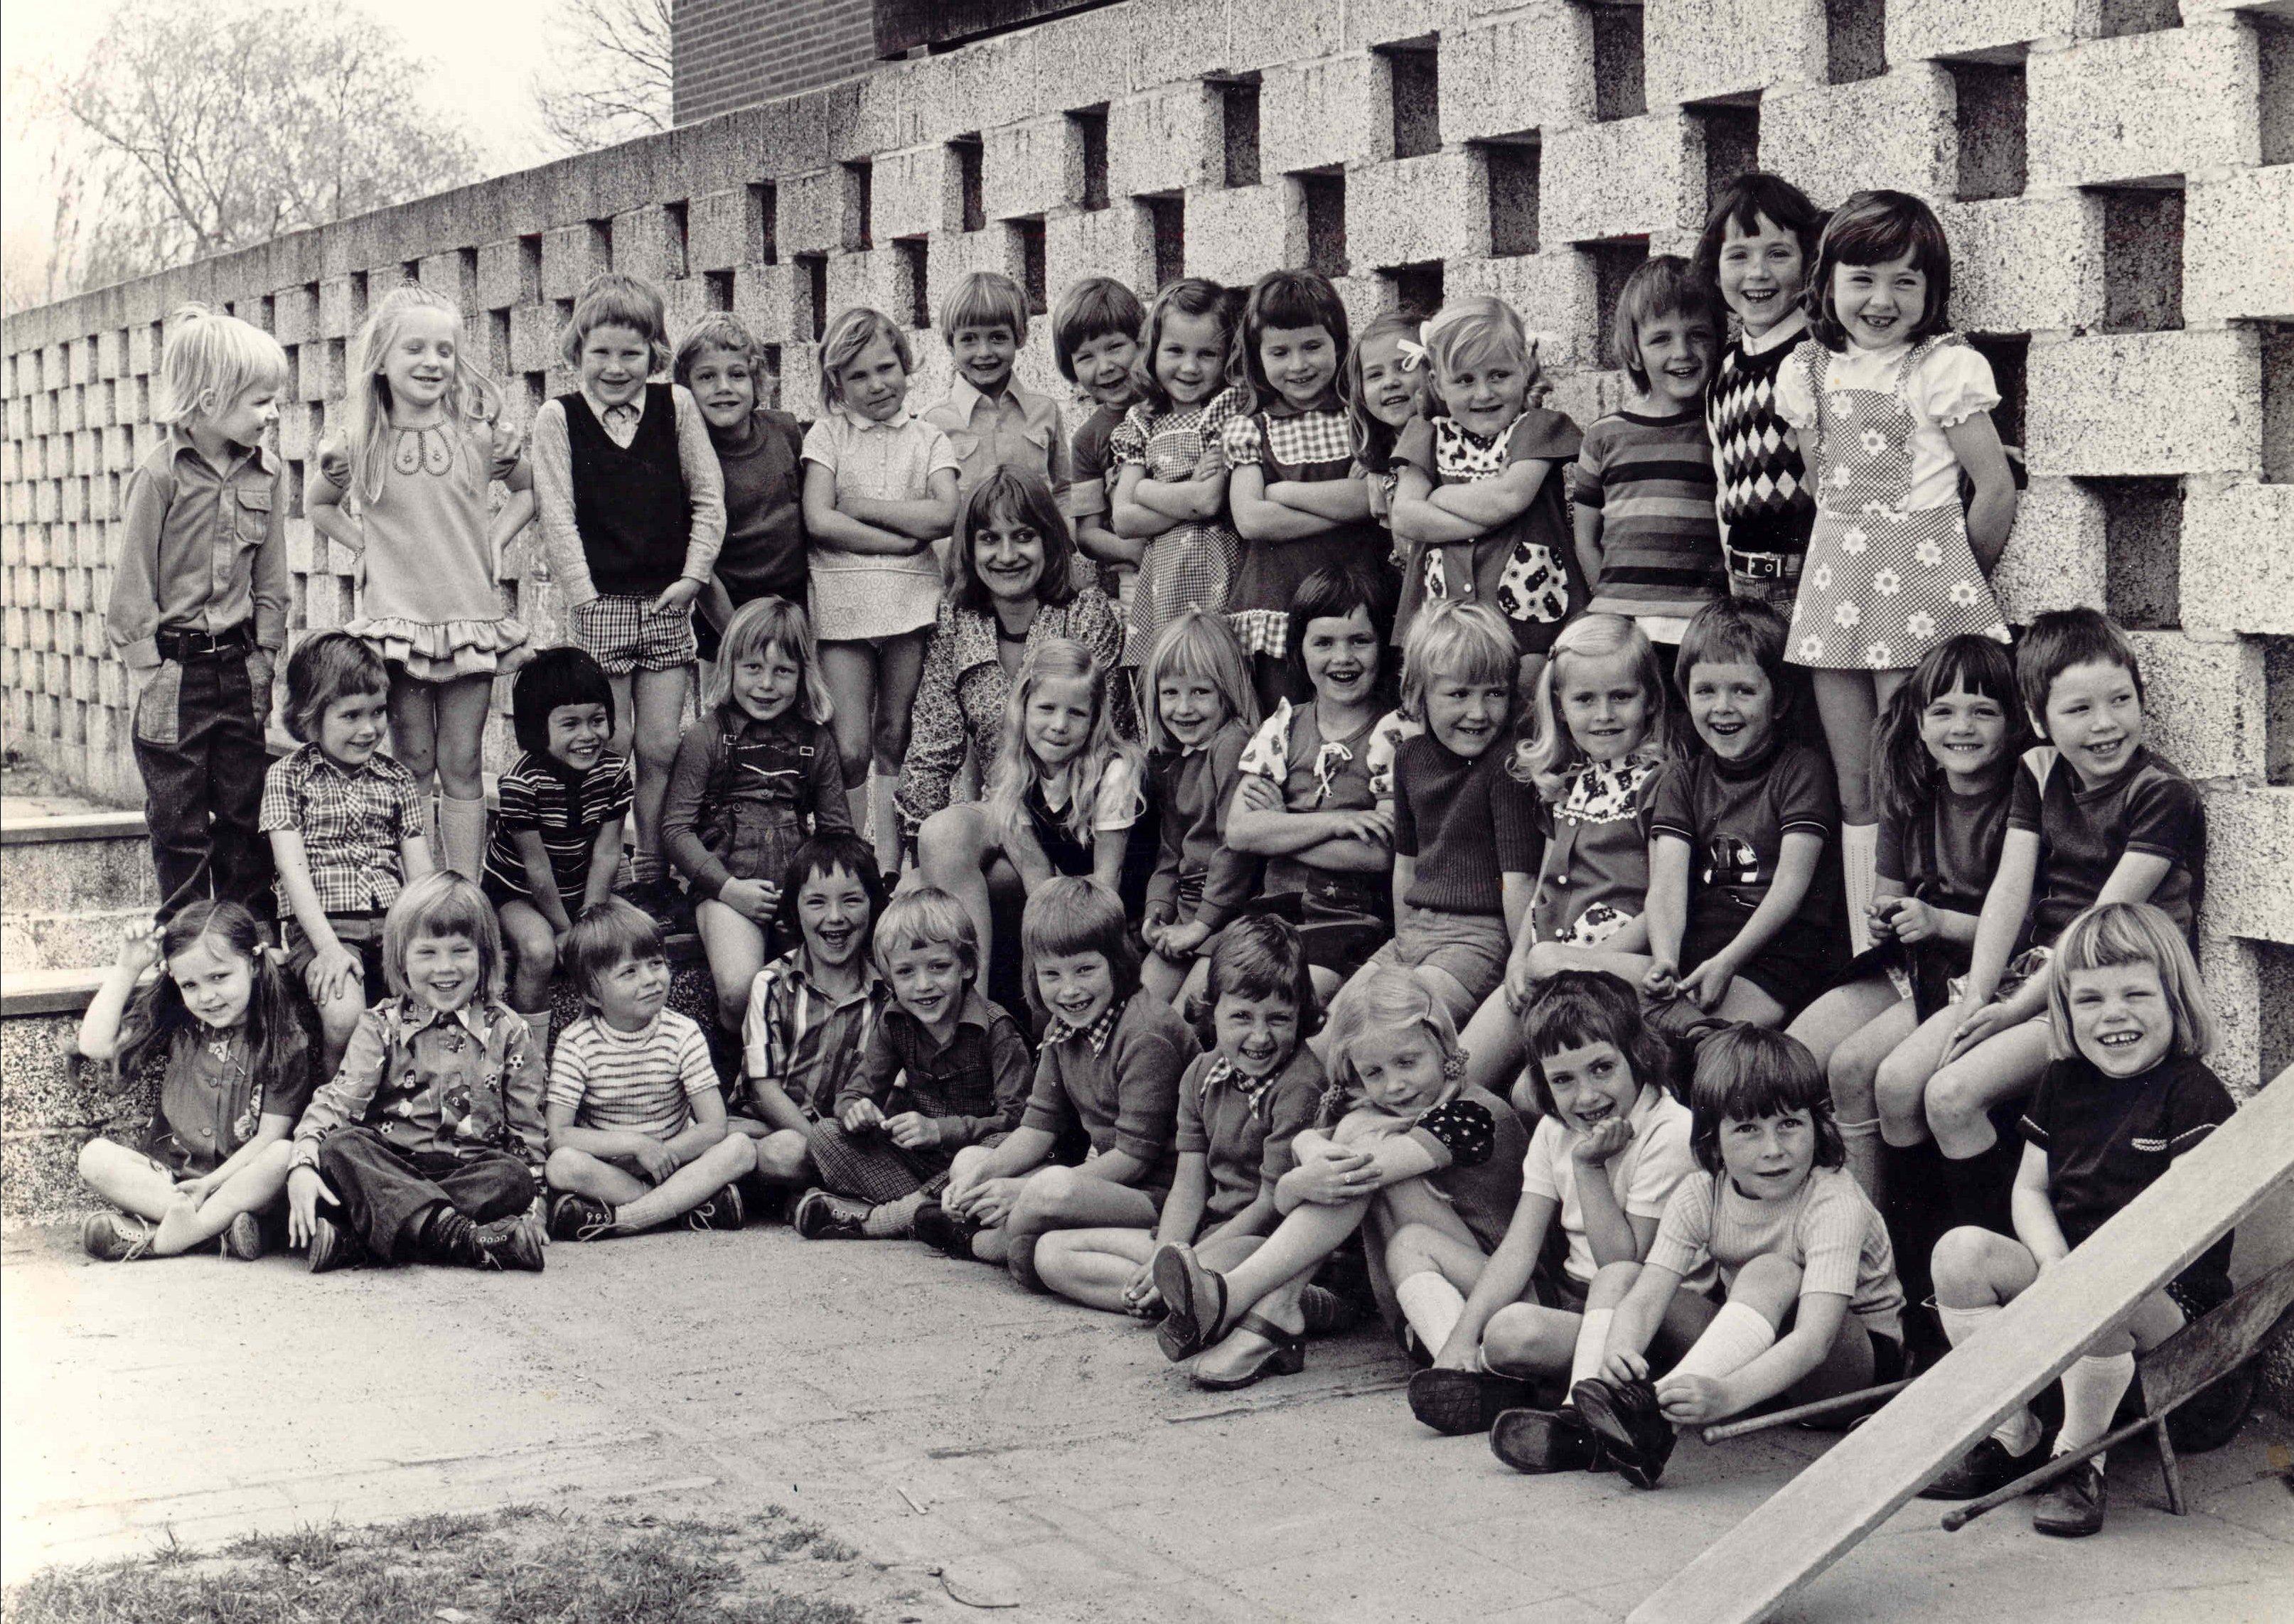 kleuterschool de bongerd foto